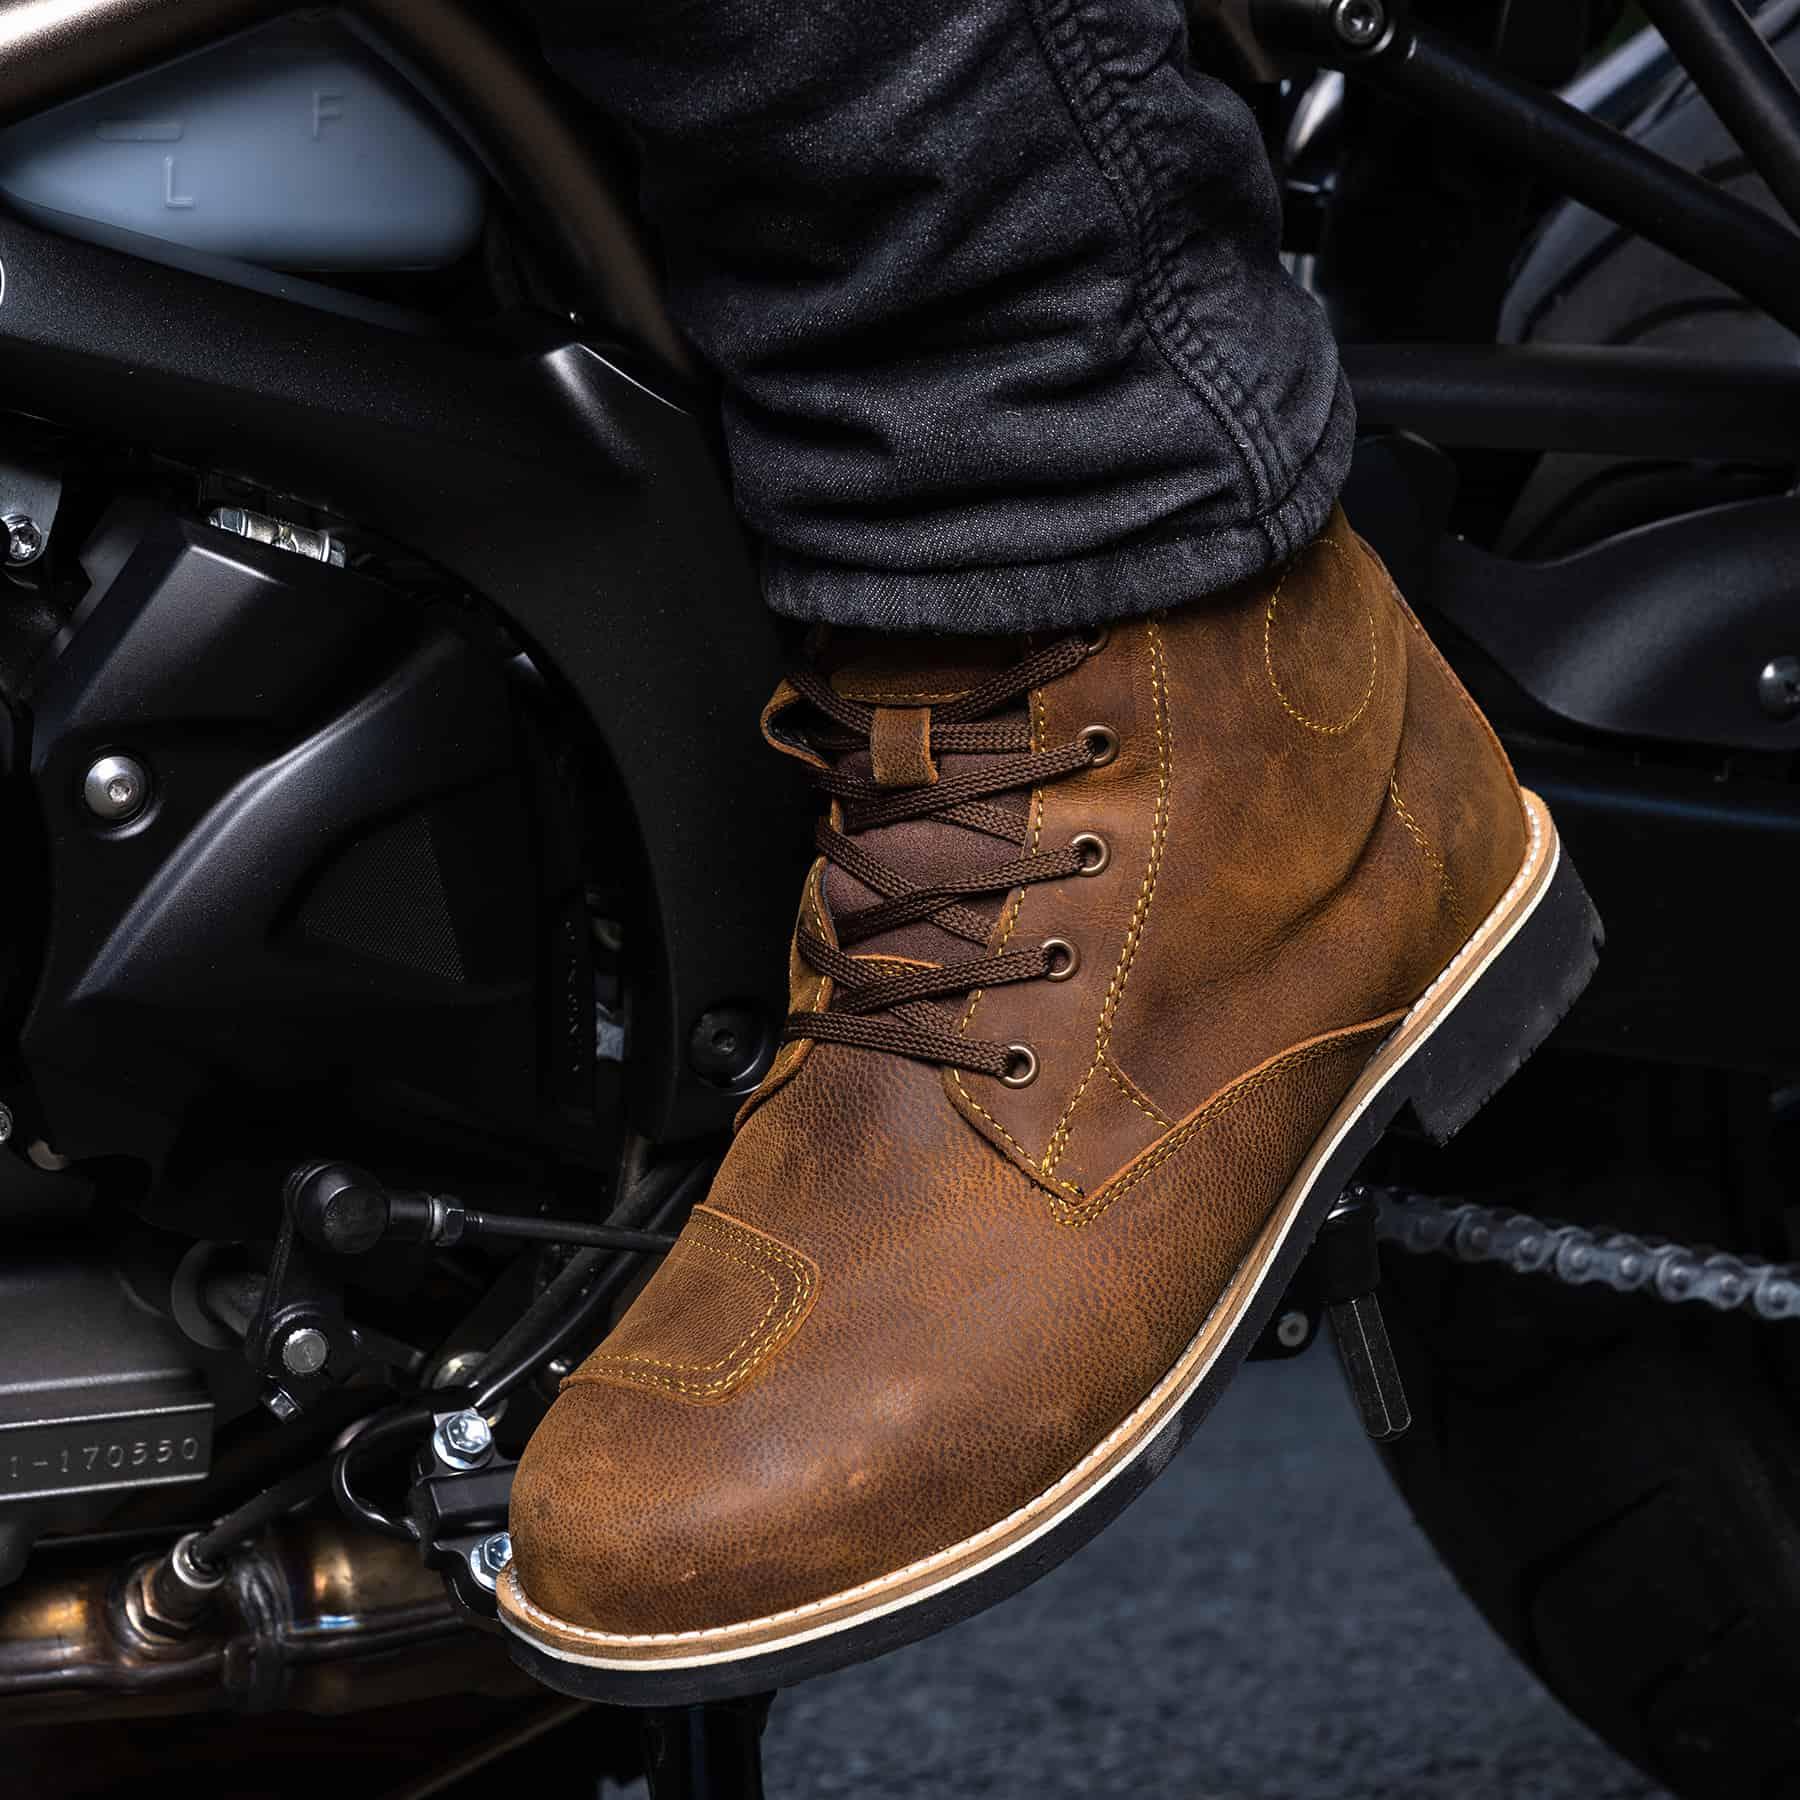 Merlin Ether waterproof heritage motorcycle boots in brown